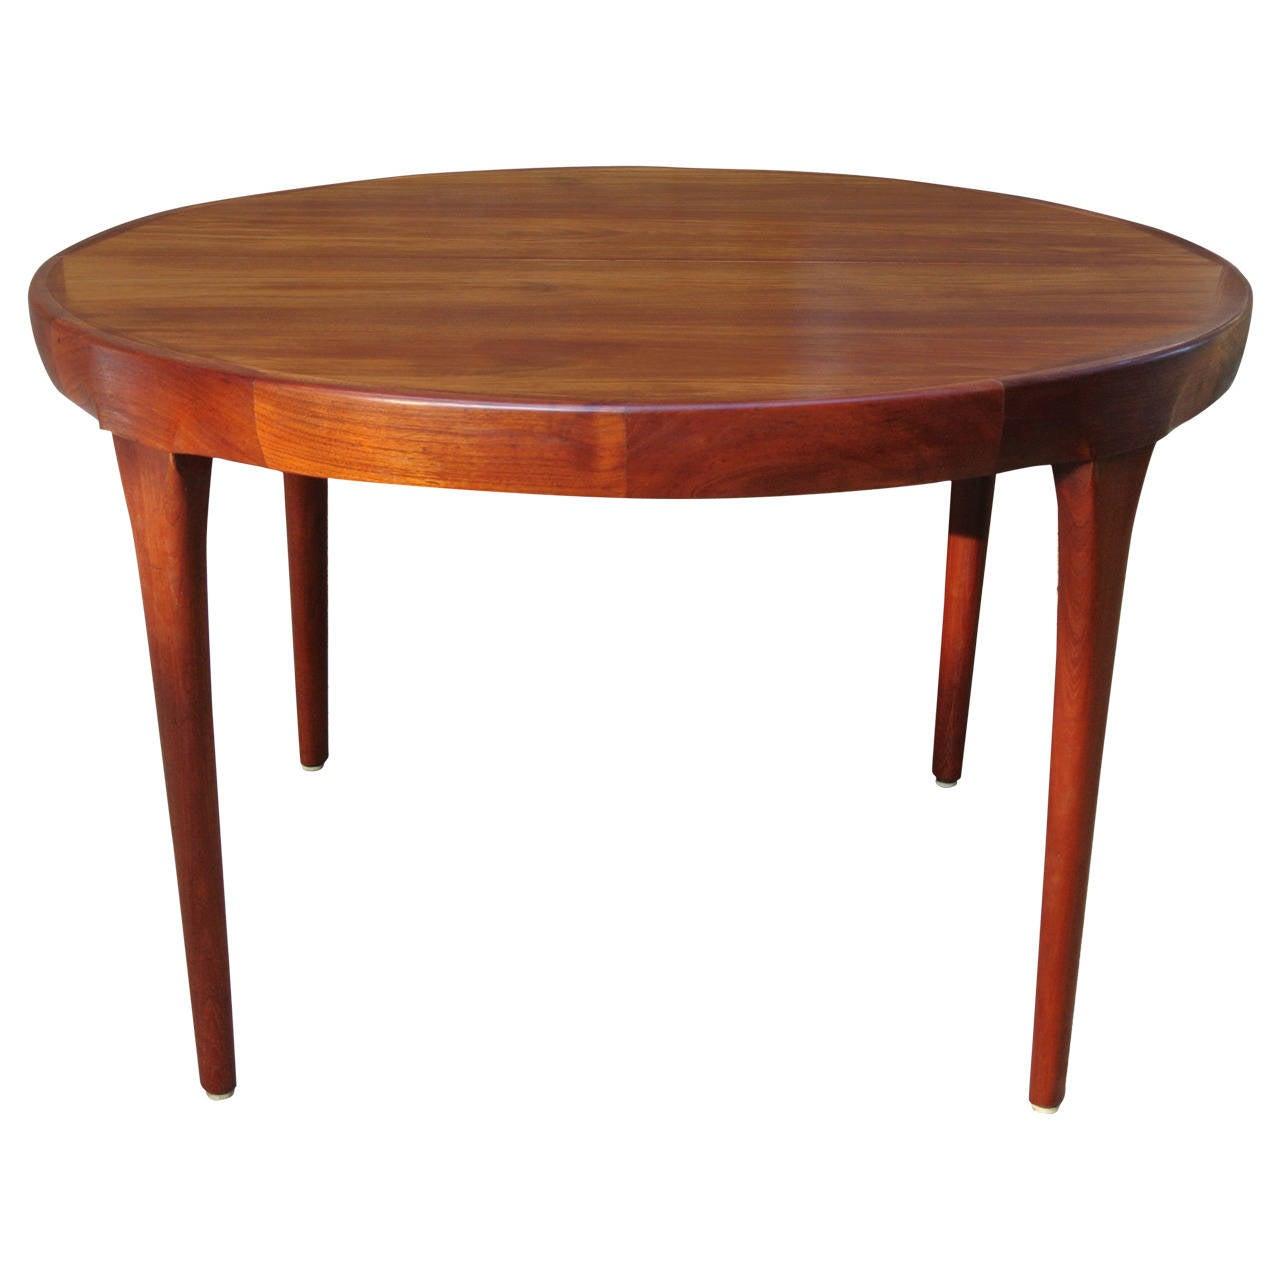 Dining Table in Teak by Ib Kofod-Larsen